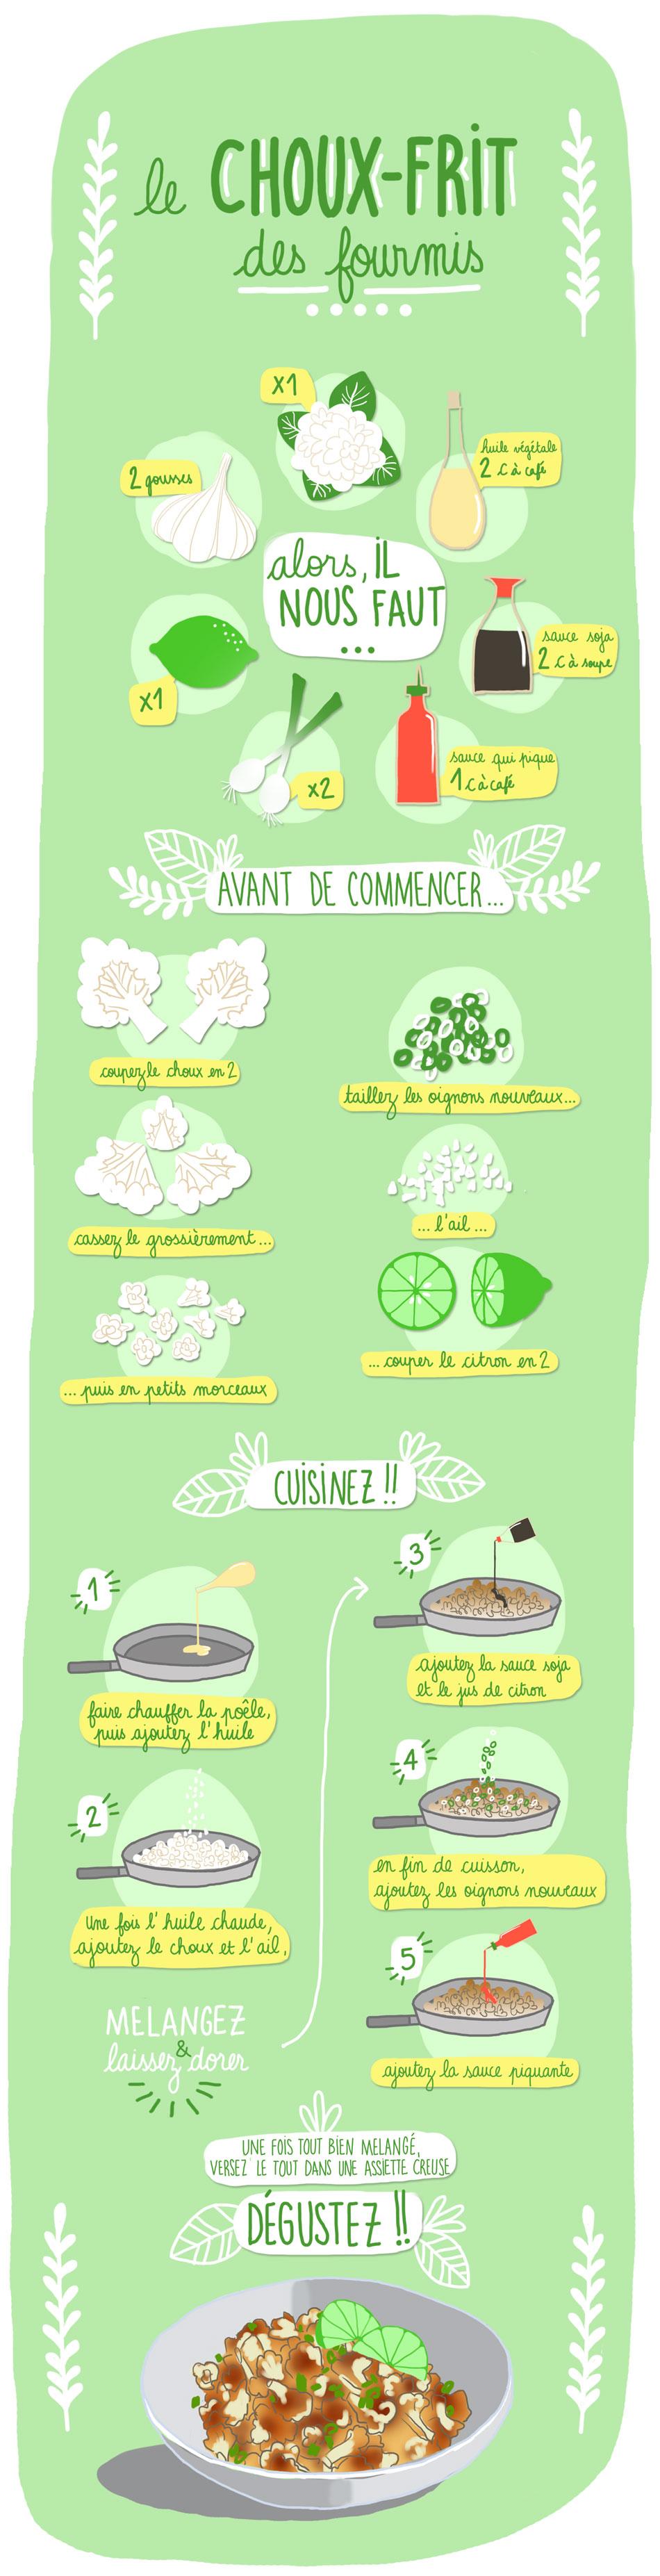 recette-choux-frit